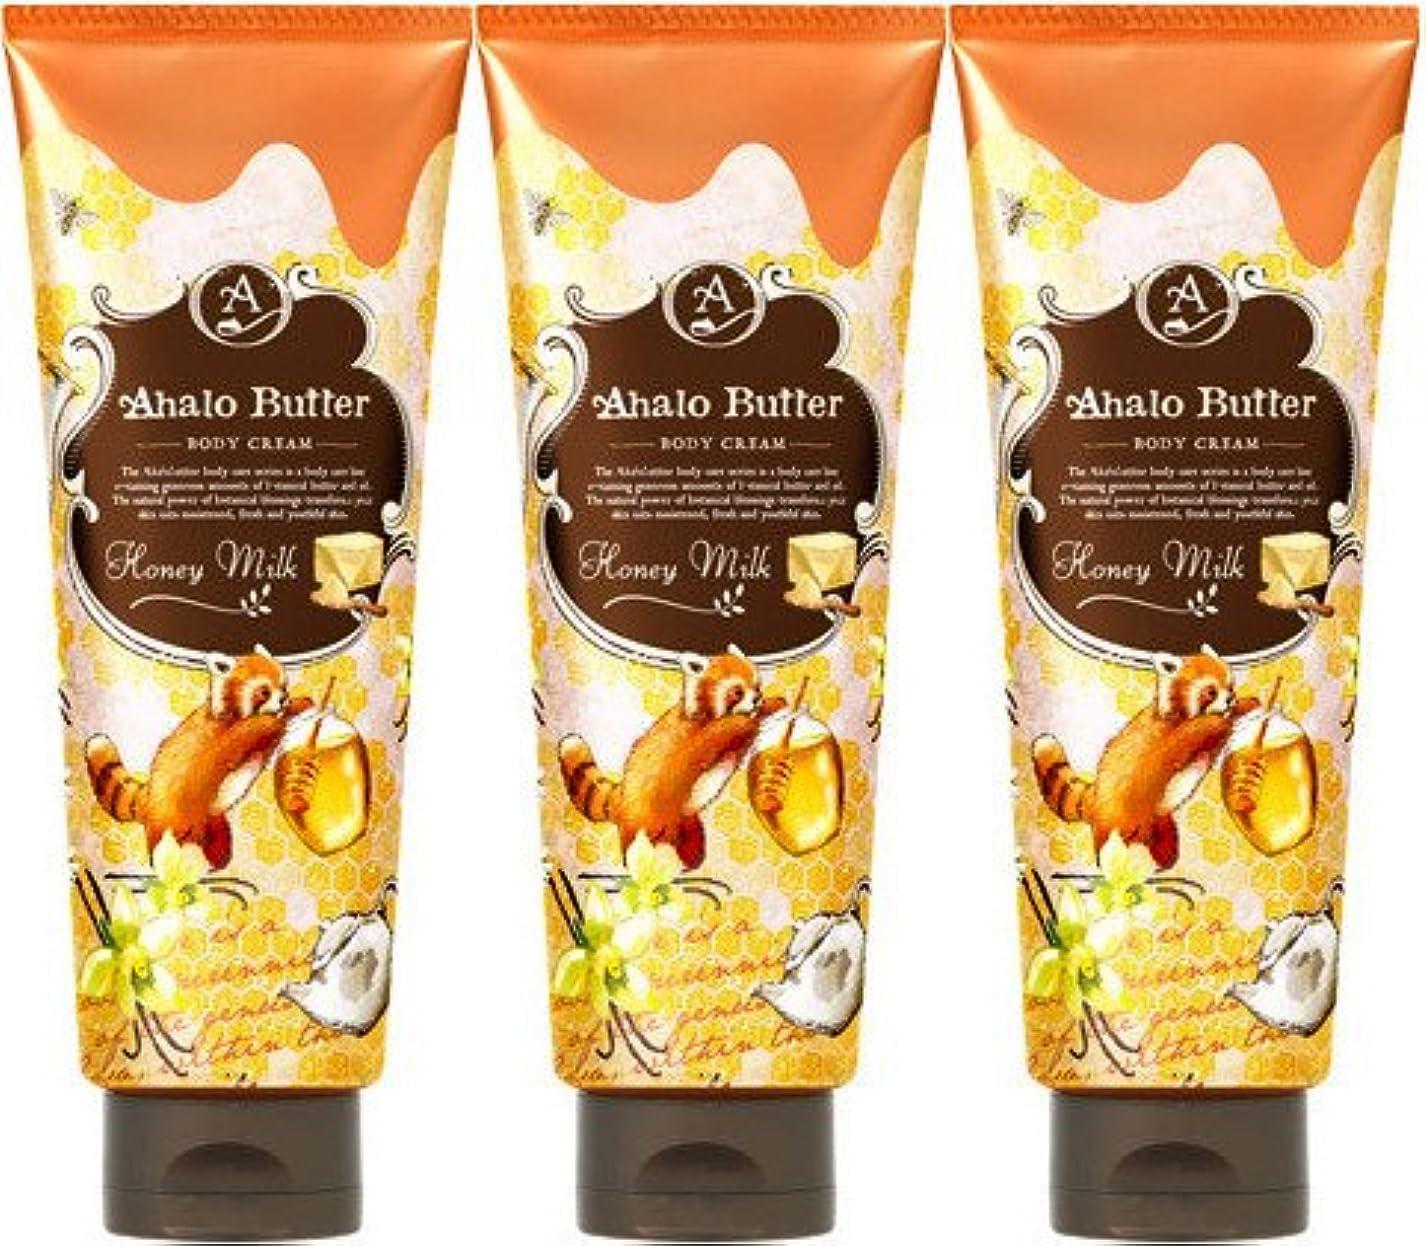 収束浸透するサークル【3個セット】Ahalo butter(アハロバター) ボディクリーム ハニーミルク 150g